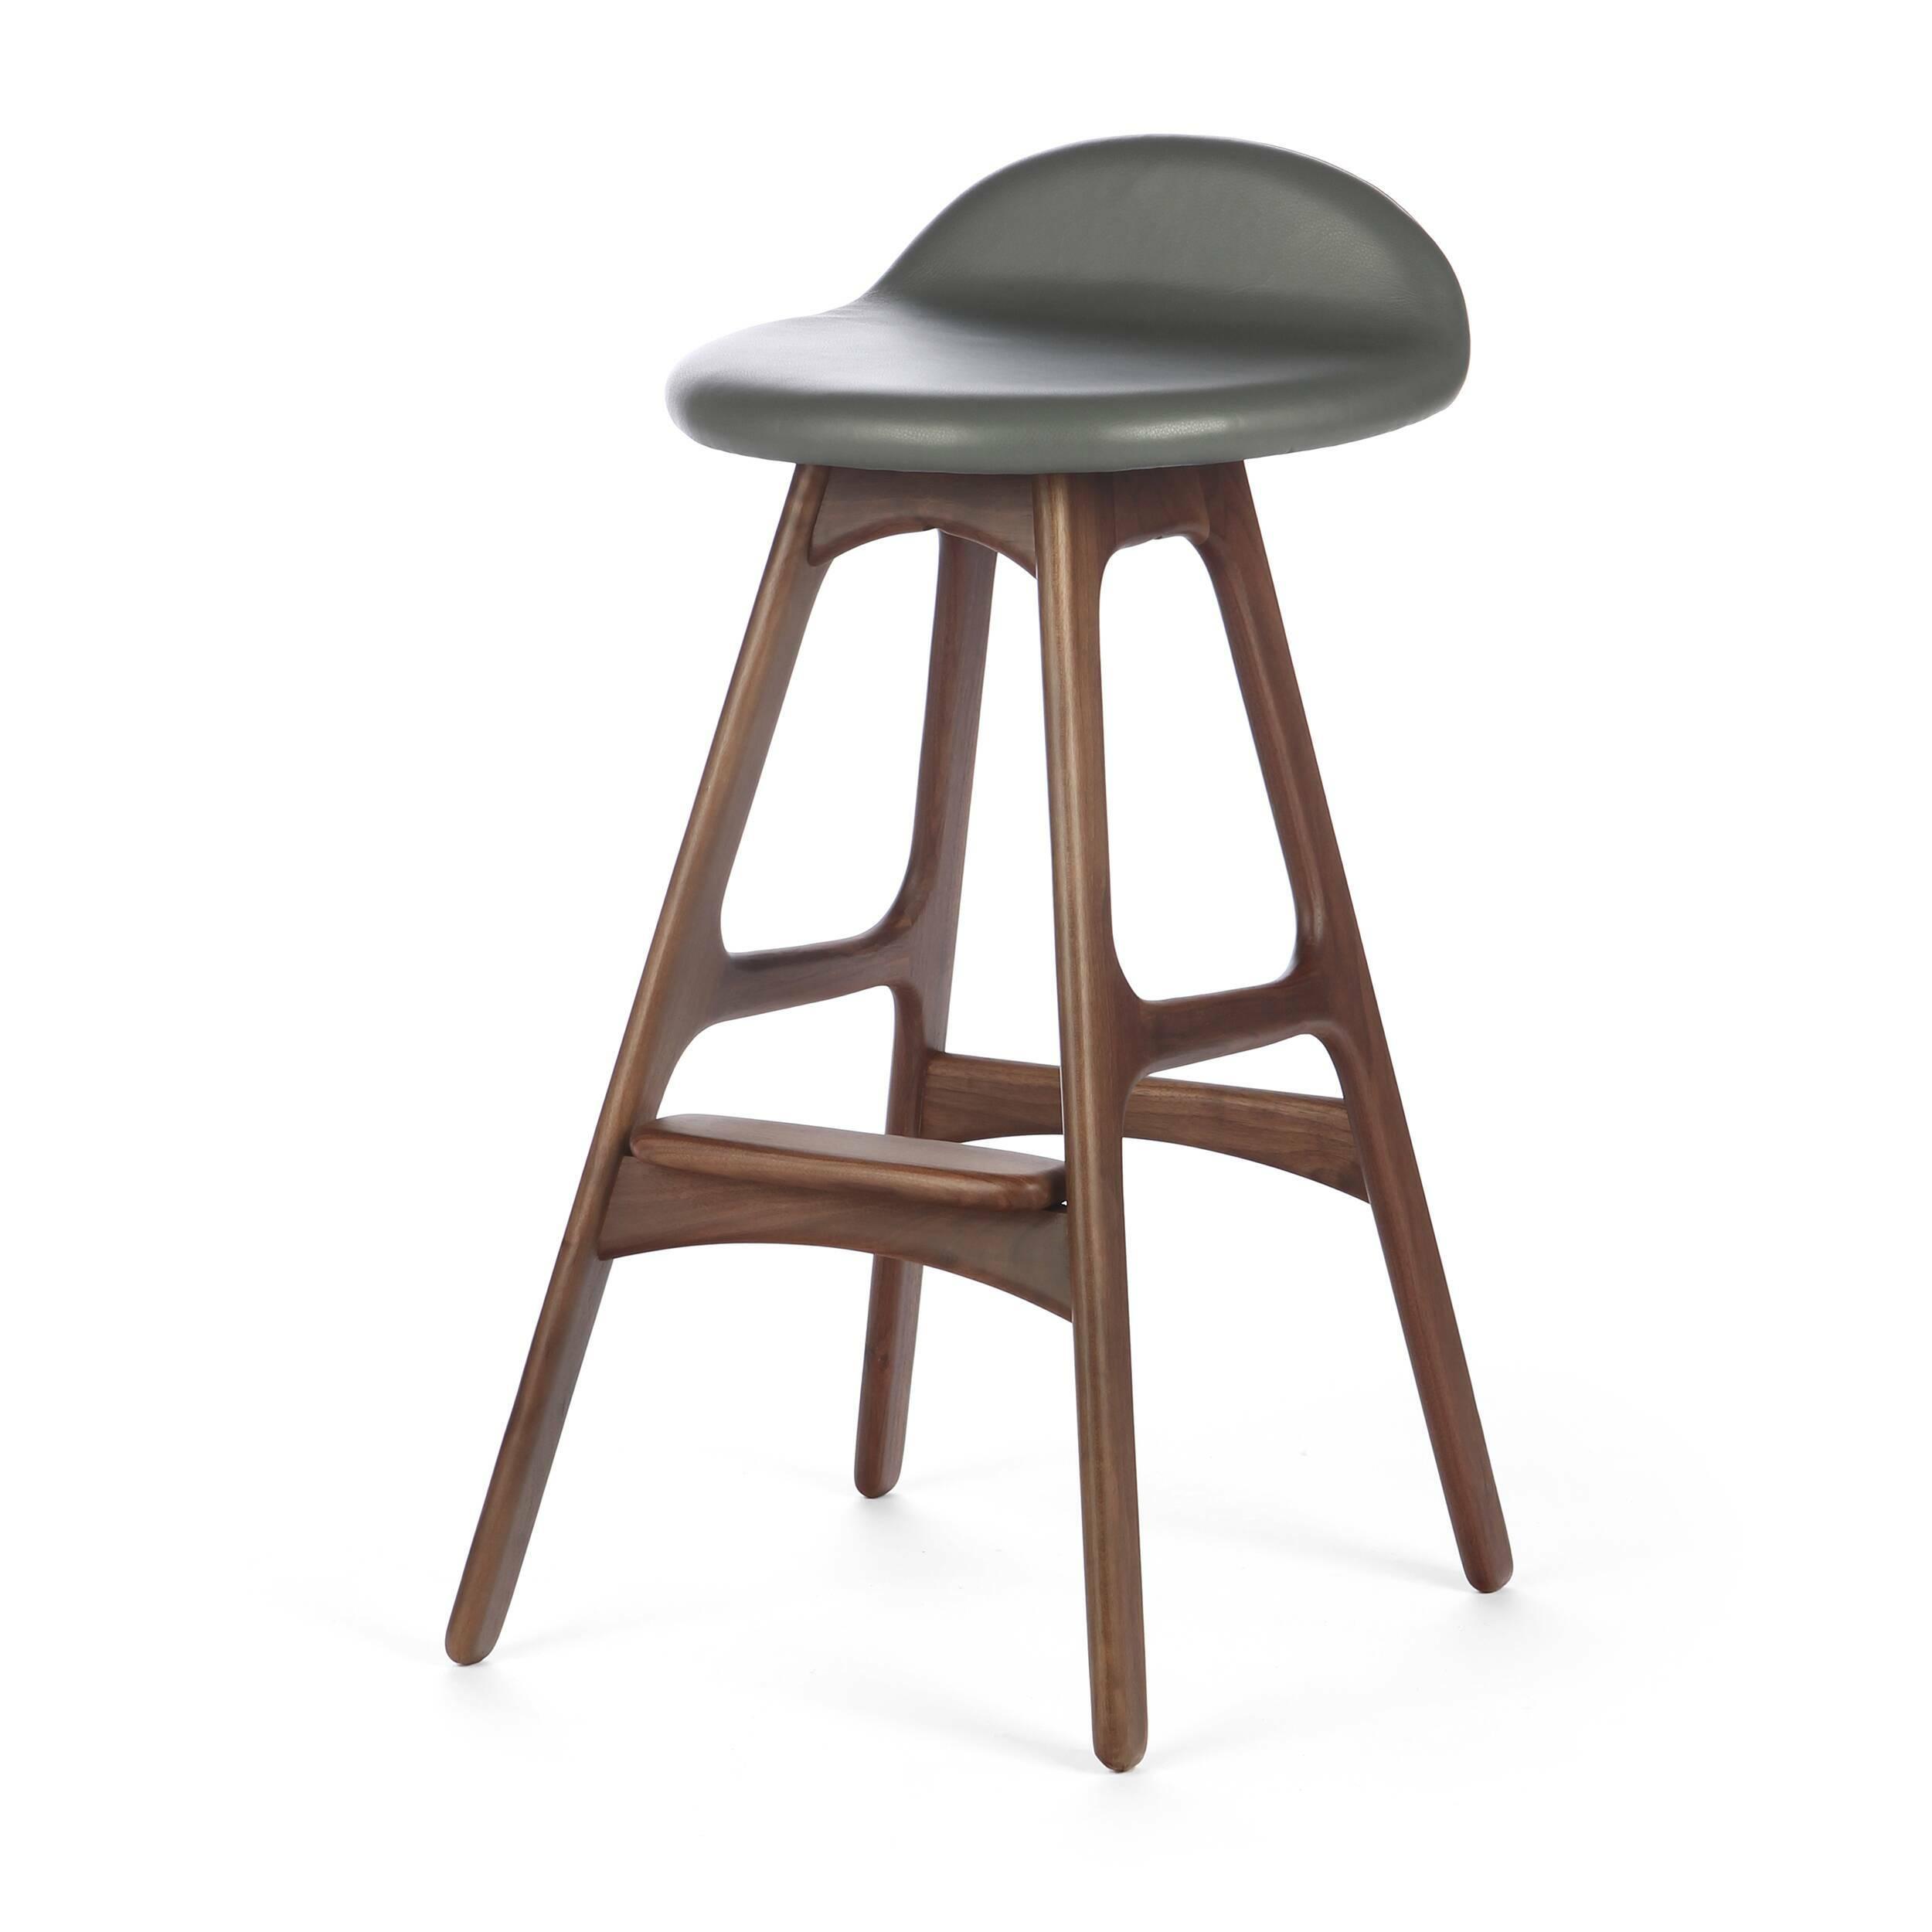 Барный стул Buch 3Барные<br>Дизайнерский барный стул Buch (Буш) без подлокотников на деревянных ножках от Cosmo (Космо).<br> Высокий барный стул Buch 3 создан еще в 1960 году дизайнером Эриком Буком, который посвятил всю свою жизнь дизайну и архитектуре. У Эрика Бука было свыше 30 коммерчески успешных дизайн-проектов, среди которых самым успешным стал именно этот барный стул, который нашел свое место в миллионах домов по всему миру. Сегодня же стулья, сконструированные Эриком Буком, по-прежнему производятся на фабриках в...<br><br>stock: 0<br>Высота: 85,5<br>Высота сиденья: 75<br>Ширина: 40<br>Глубина: 45<br>Цвет ножек: Орех<br>Материал ножек: Массив ореха<br>Цвет сидения: Светло-серый<br>Тип материала сидения: Кожа<br>Коллекция ткани: Harry Leather<br>Тип материала ножек: Дерево